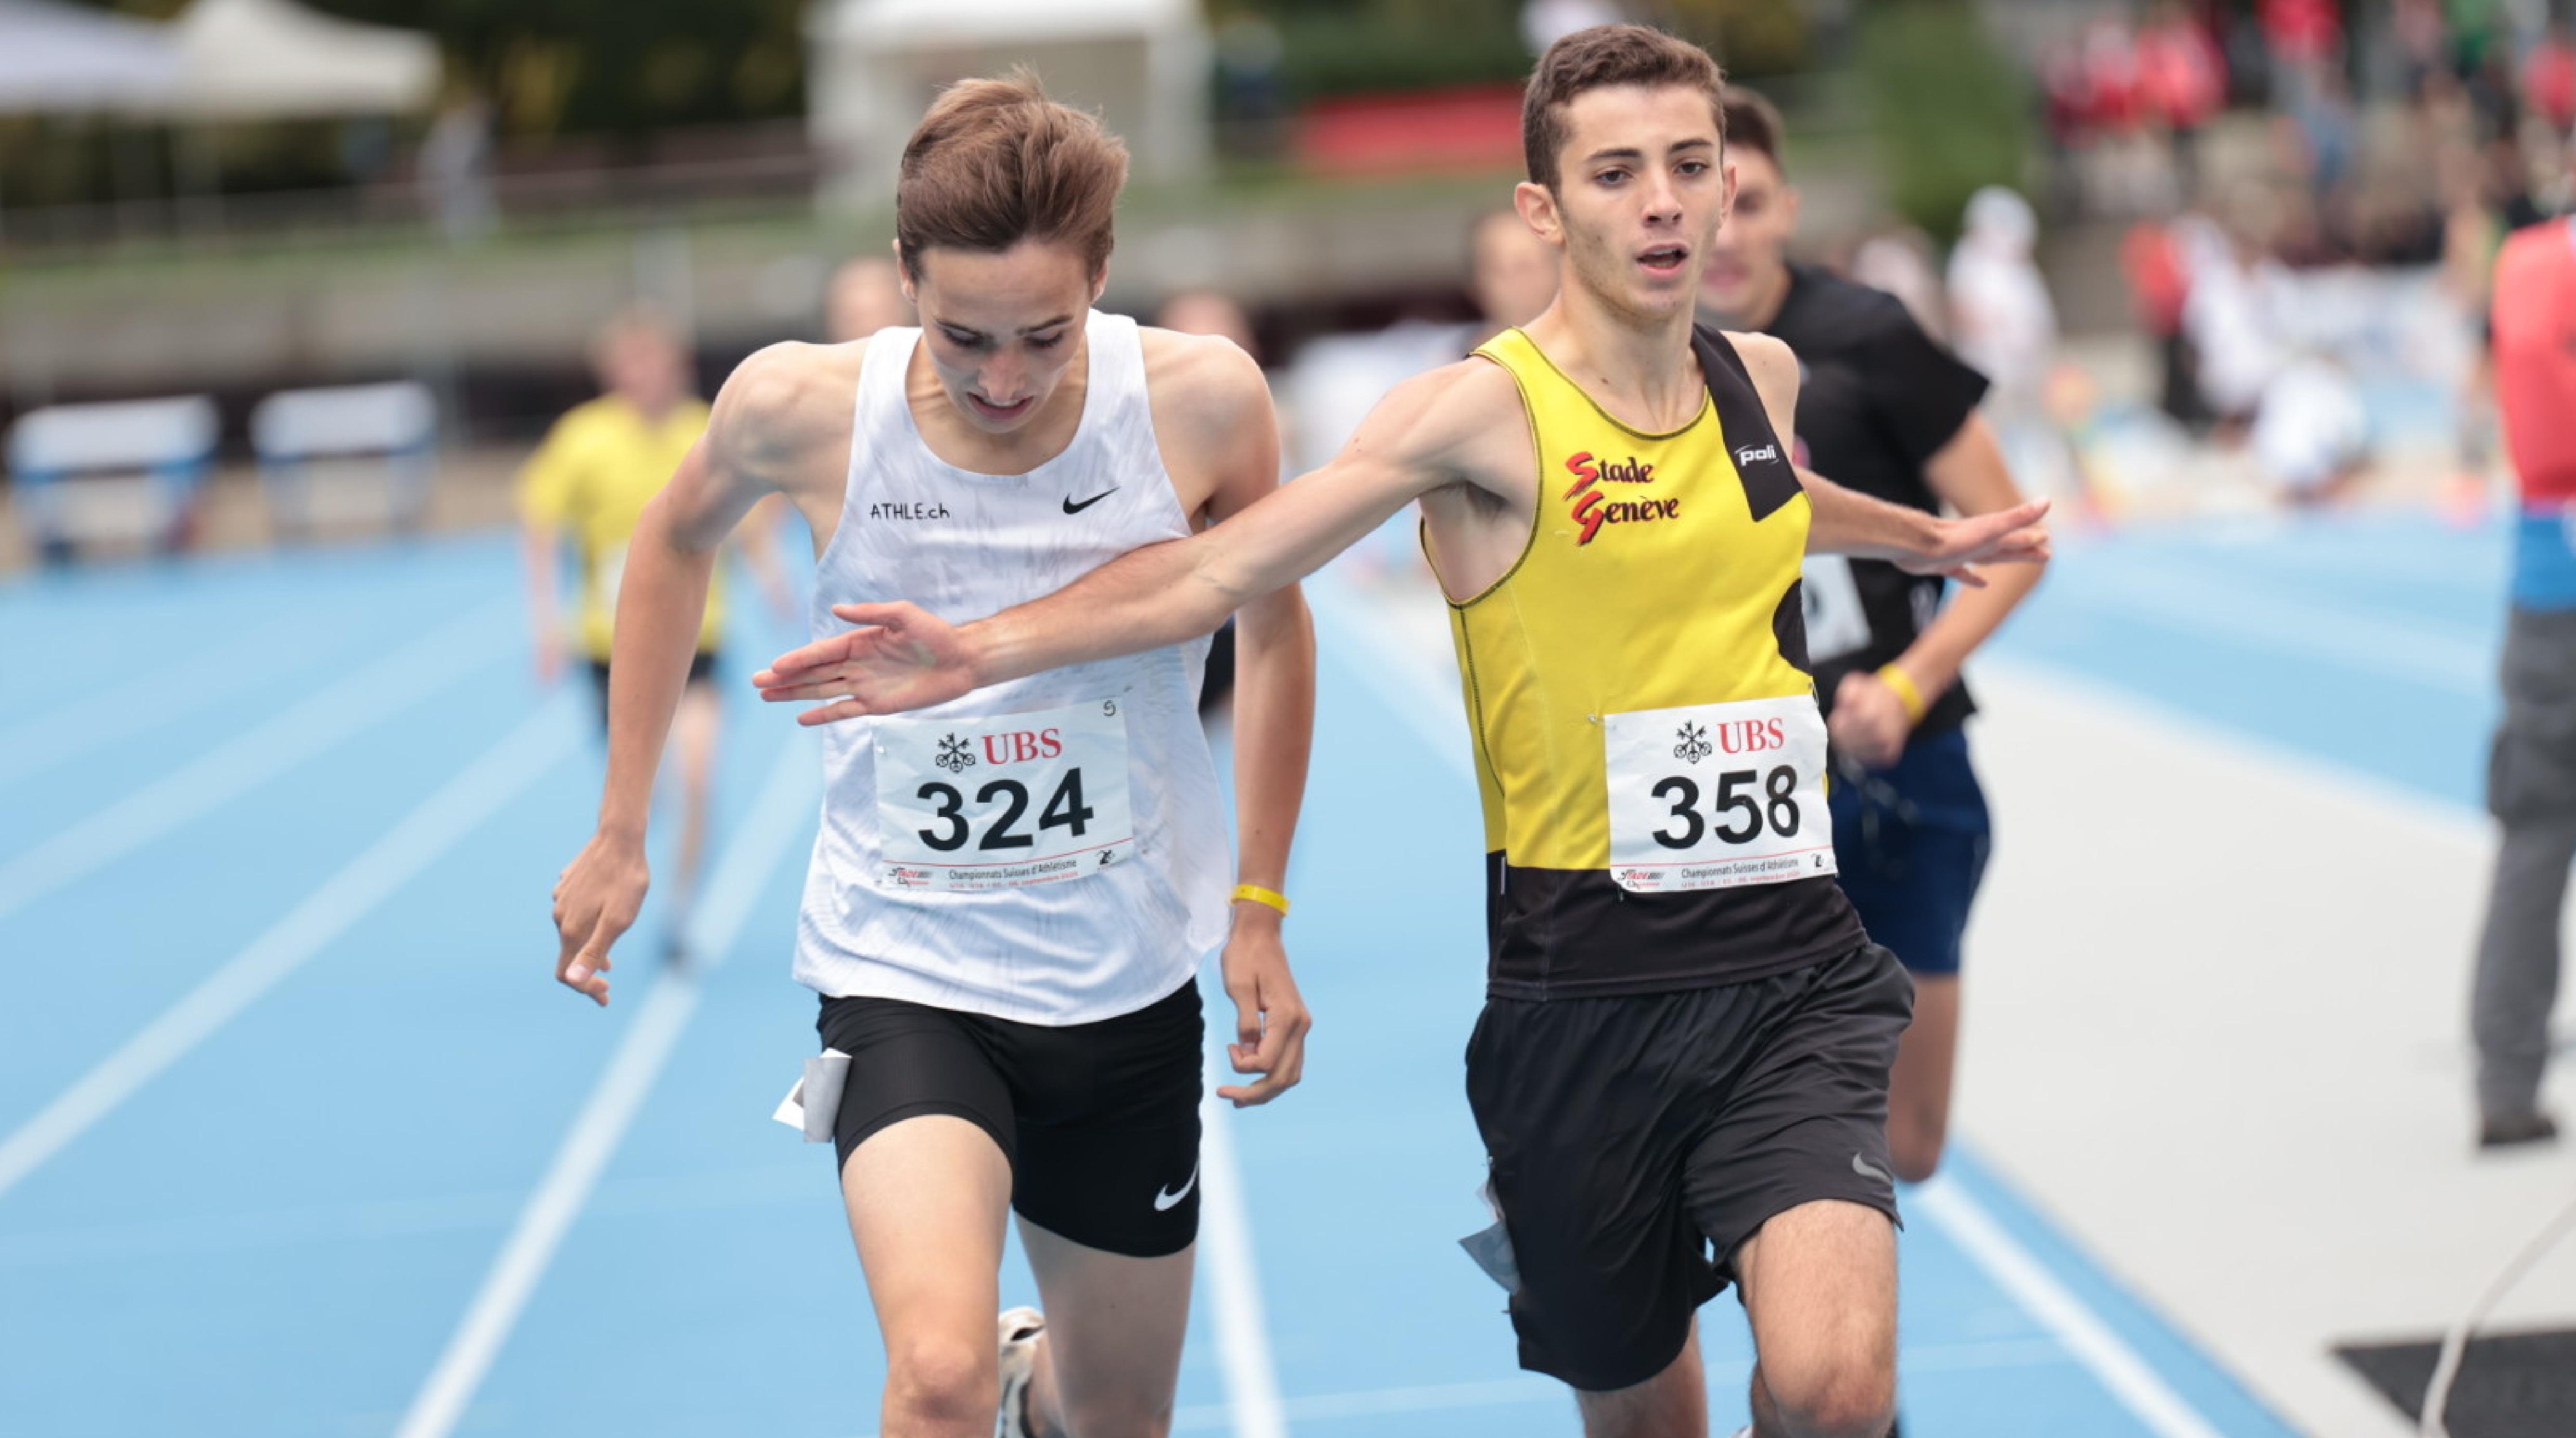 Championnats suisses U18-U16 à Lausanne